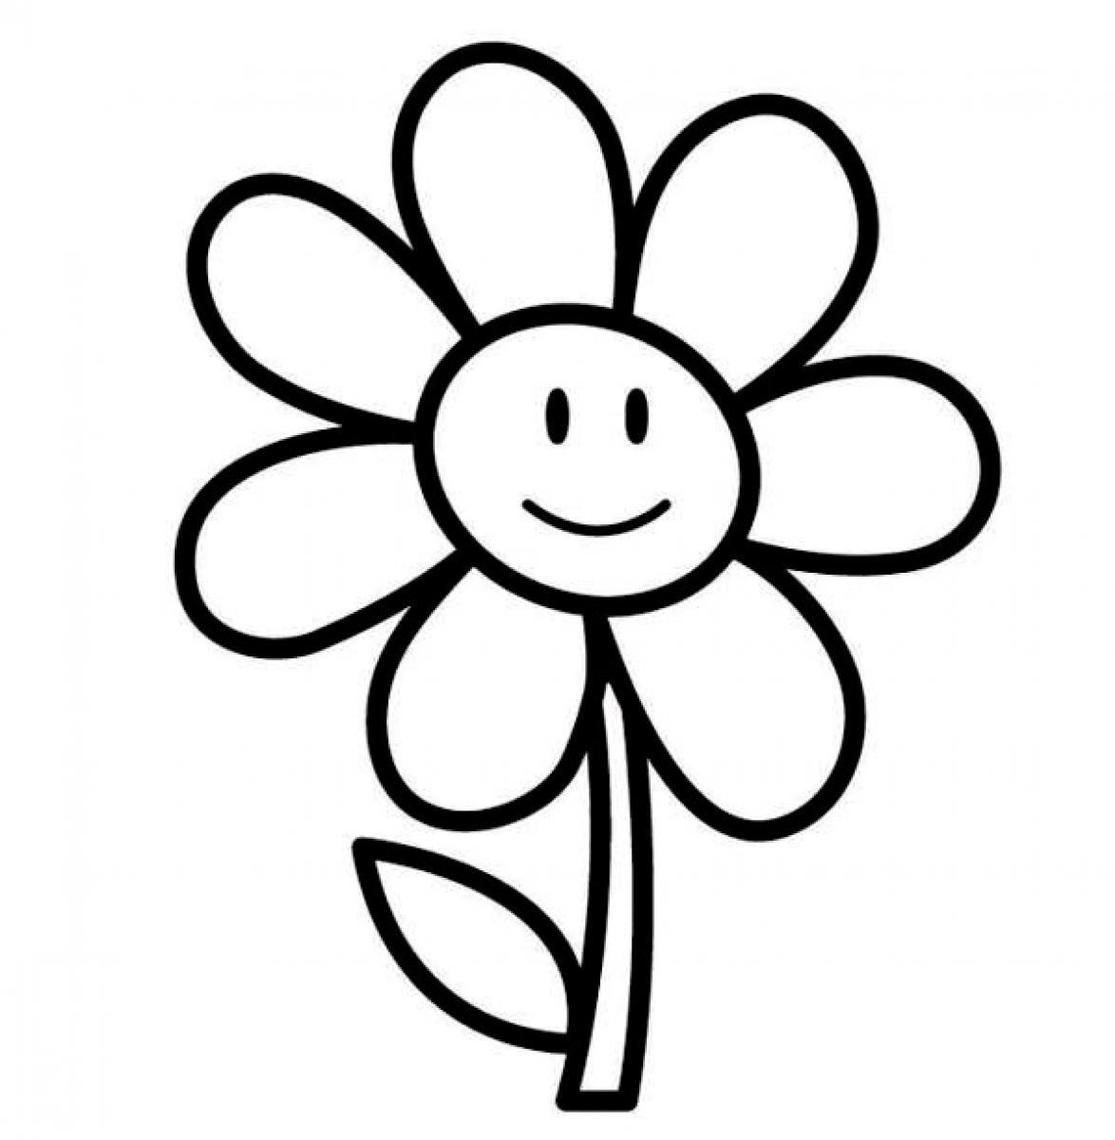 Tranh tô màu hình bông hoa đơn giản nhất